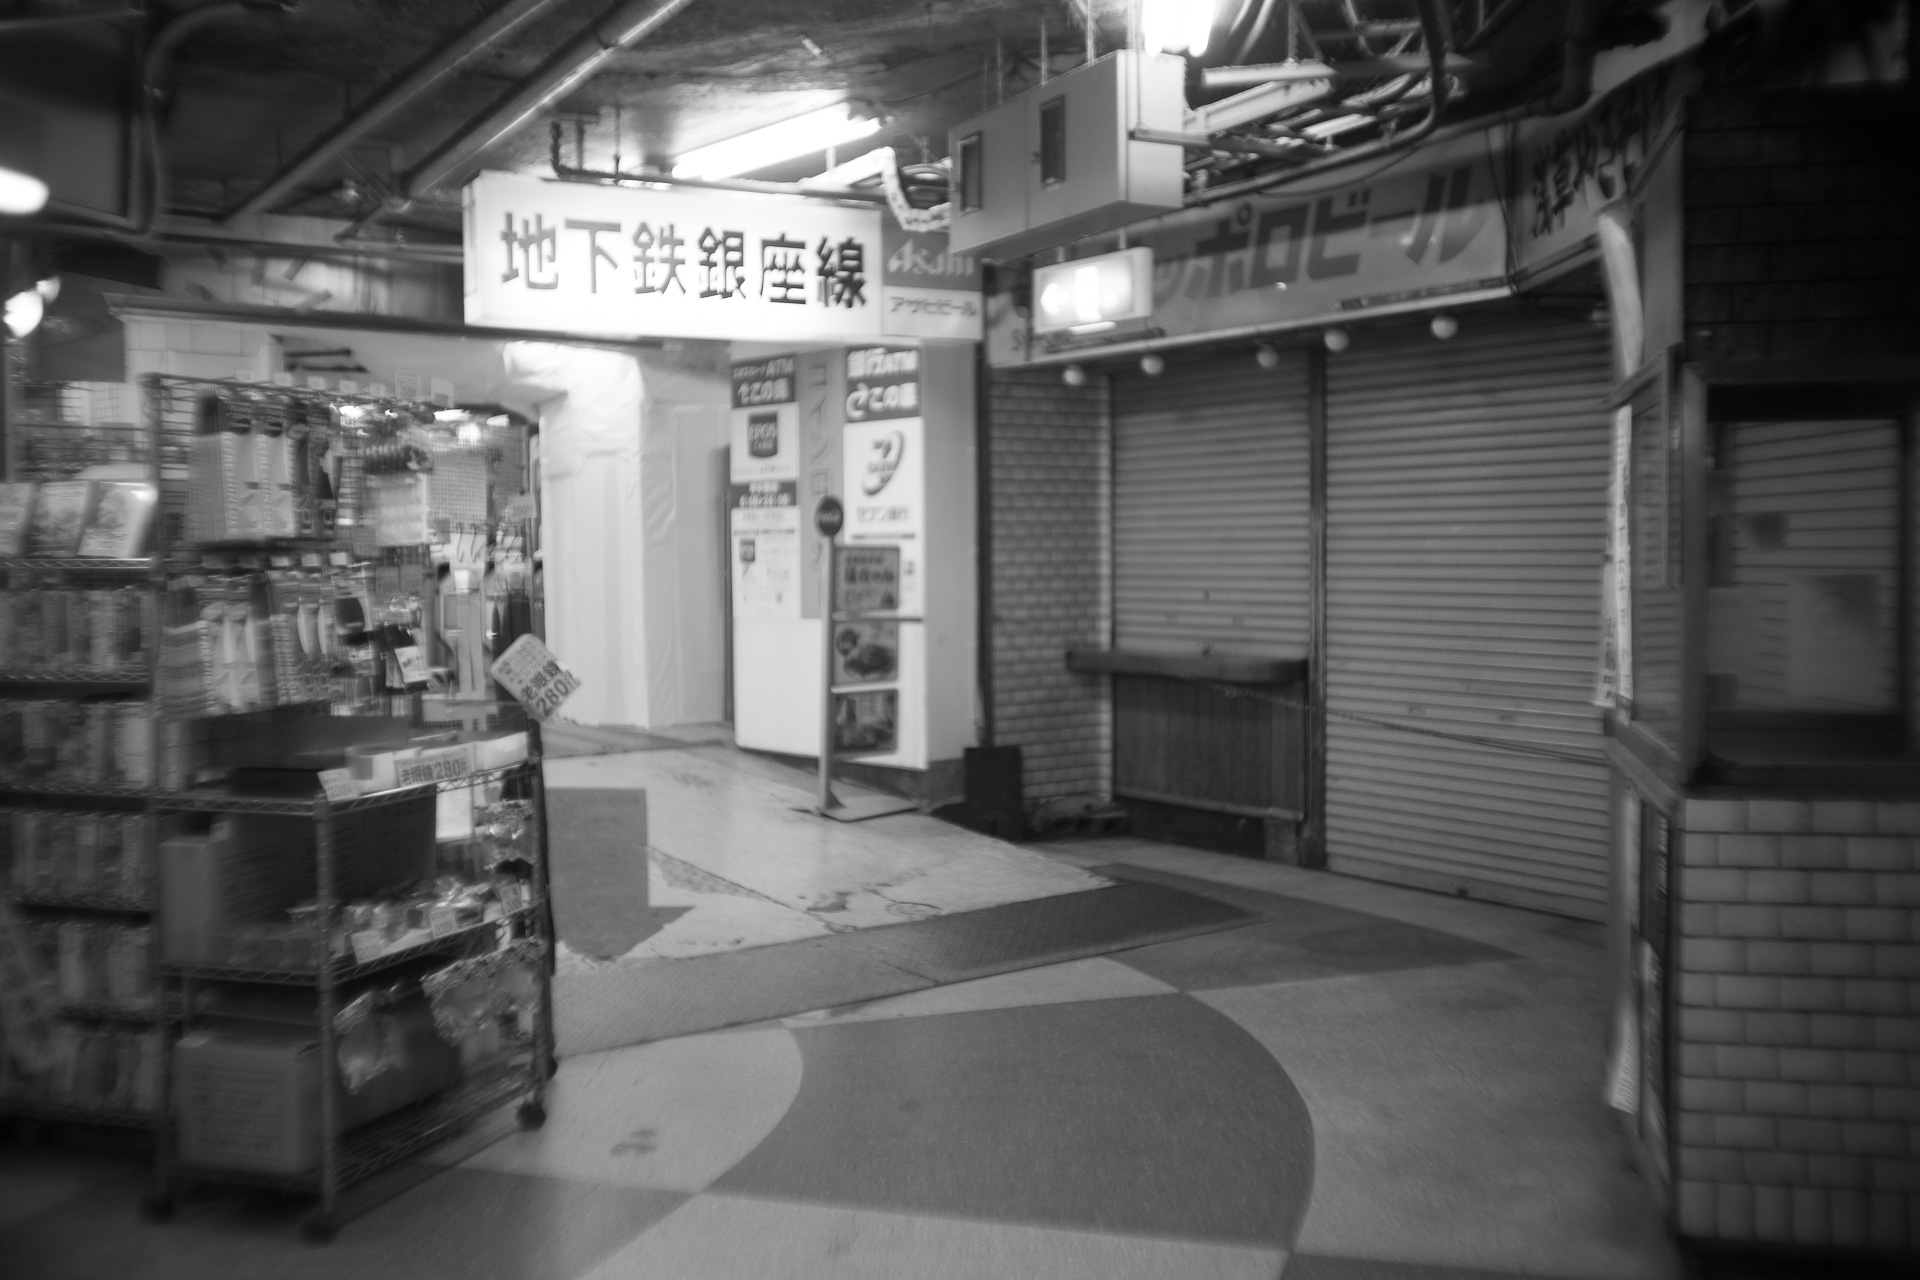 銀座線看板 浅草 SONY α7, New Nikkor 35mm F2